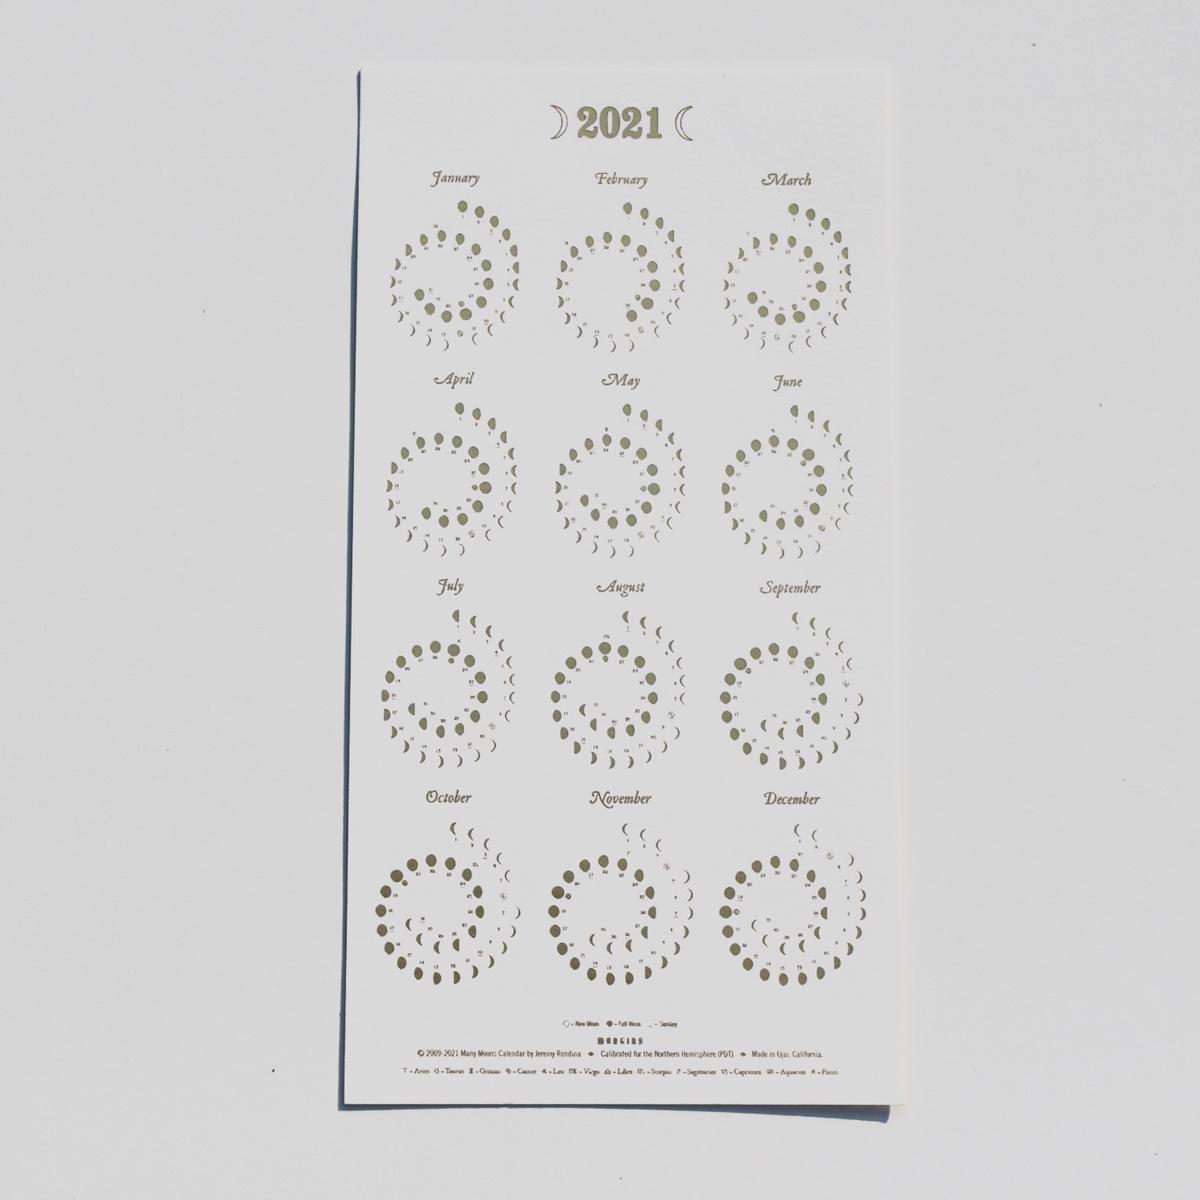 Margins Imprint 2021 Gold on White Moon Phase Calendar - Framed